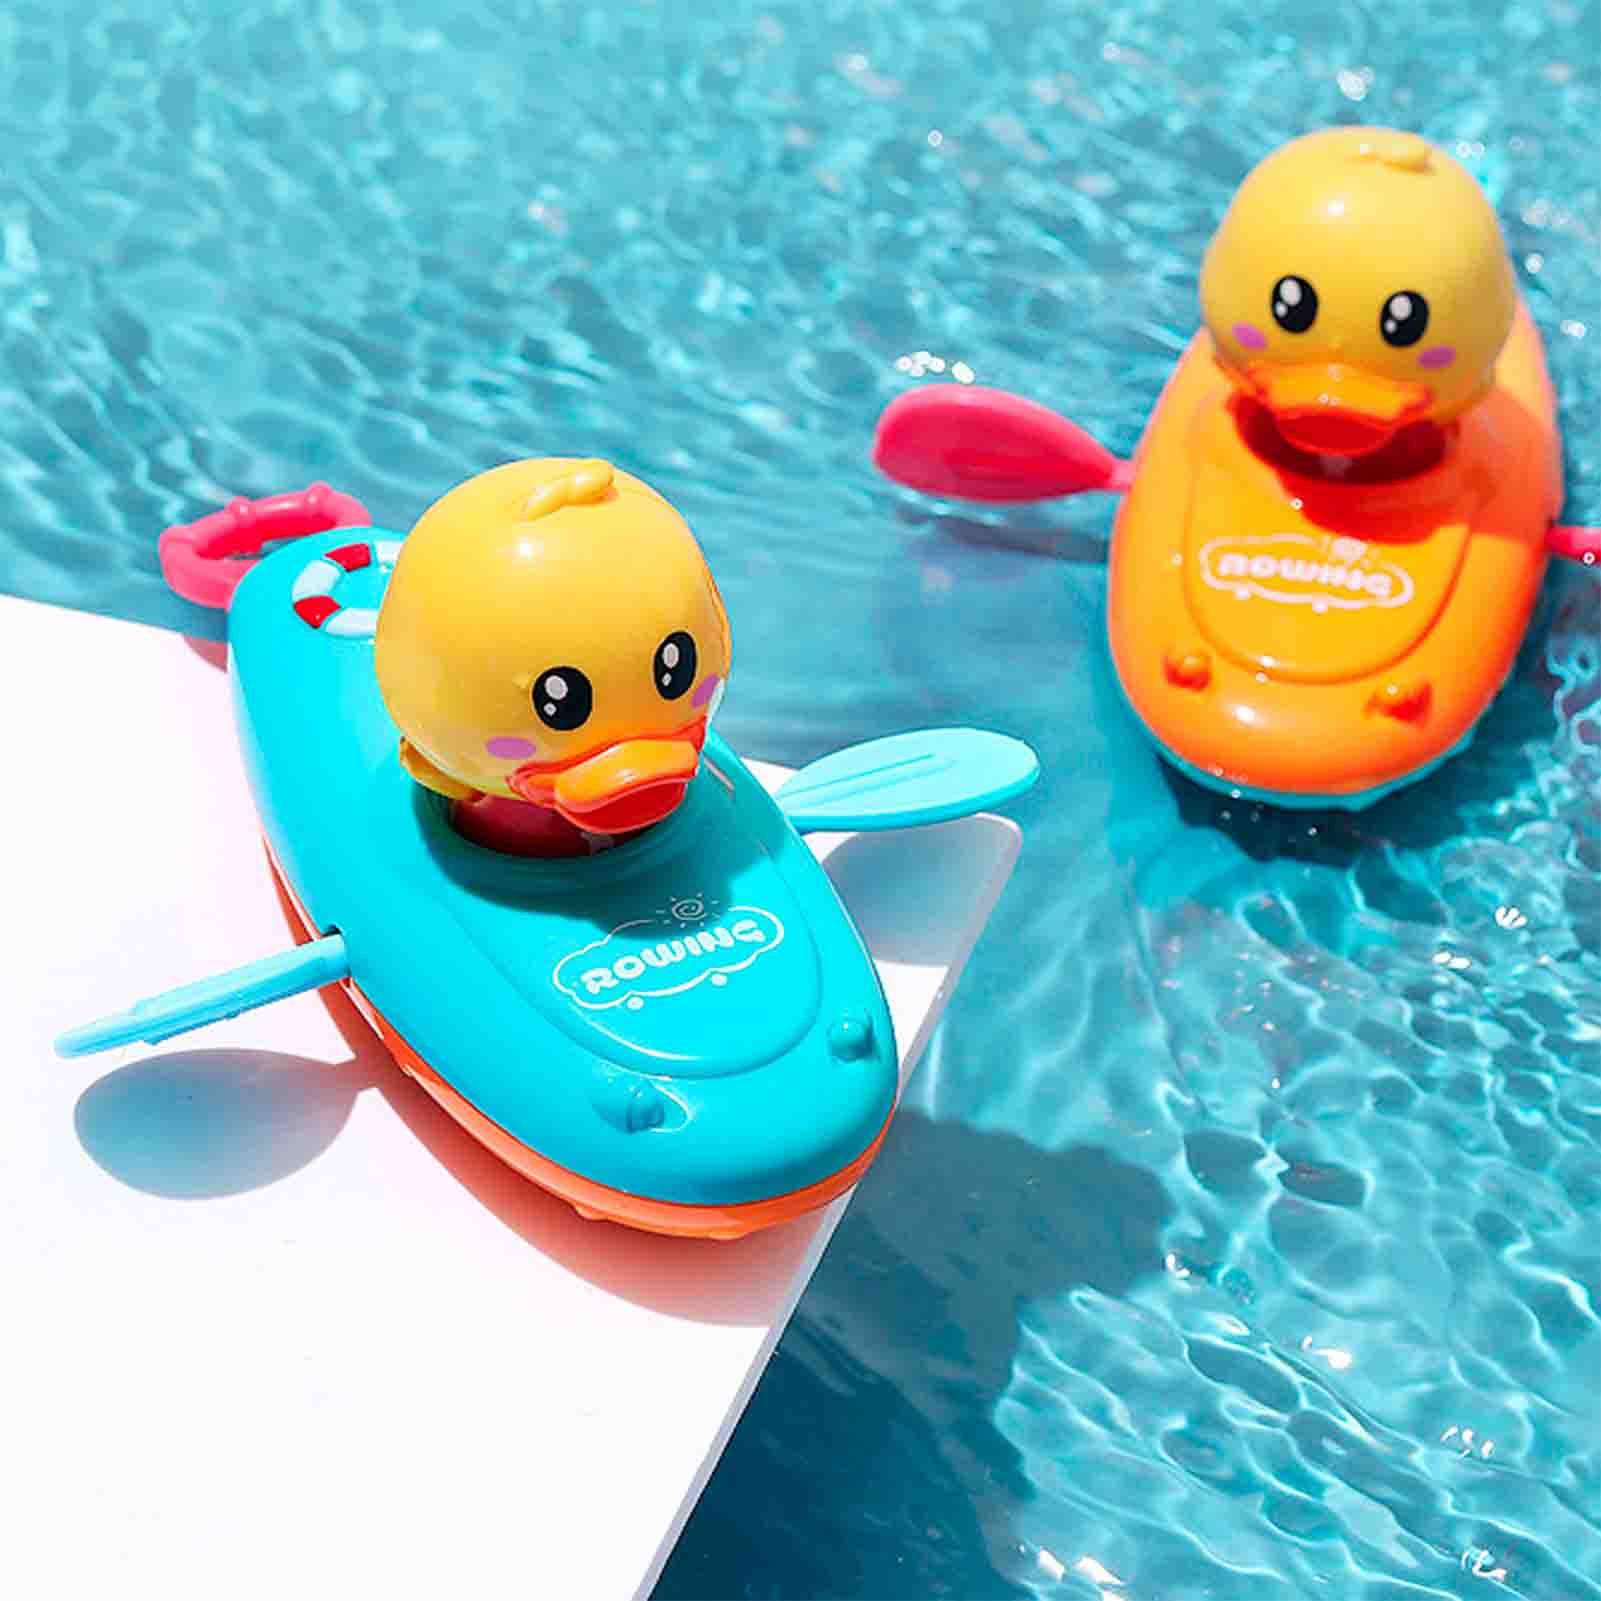 Детские игрушки для игры в воде гребная лодка детская желтая гребная утка для купания детская ванная комната на цепочке пляжный кабель нечитаева н детская комната для игры отдыха и учебы